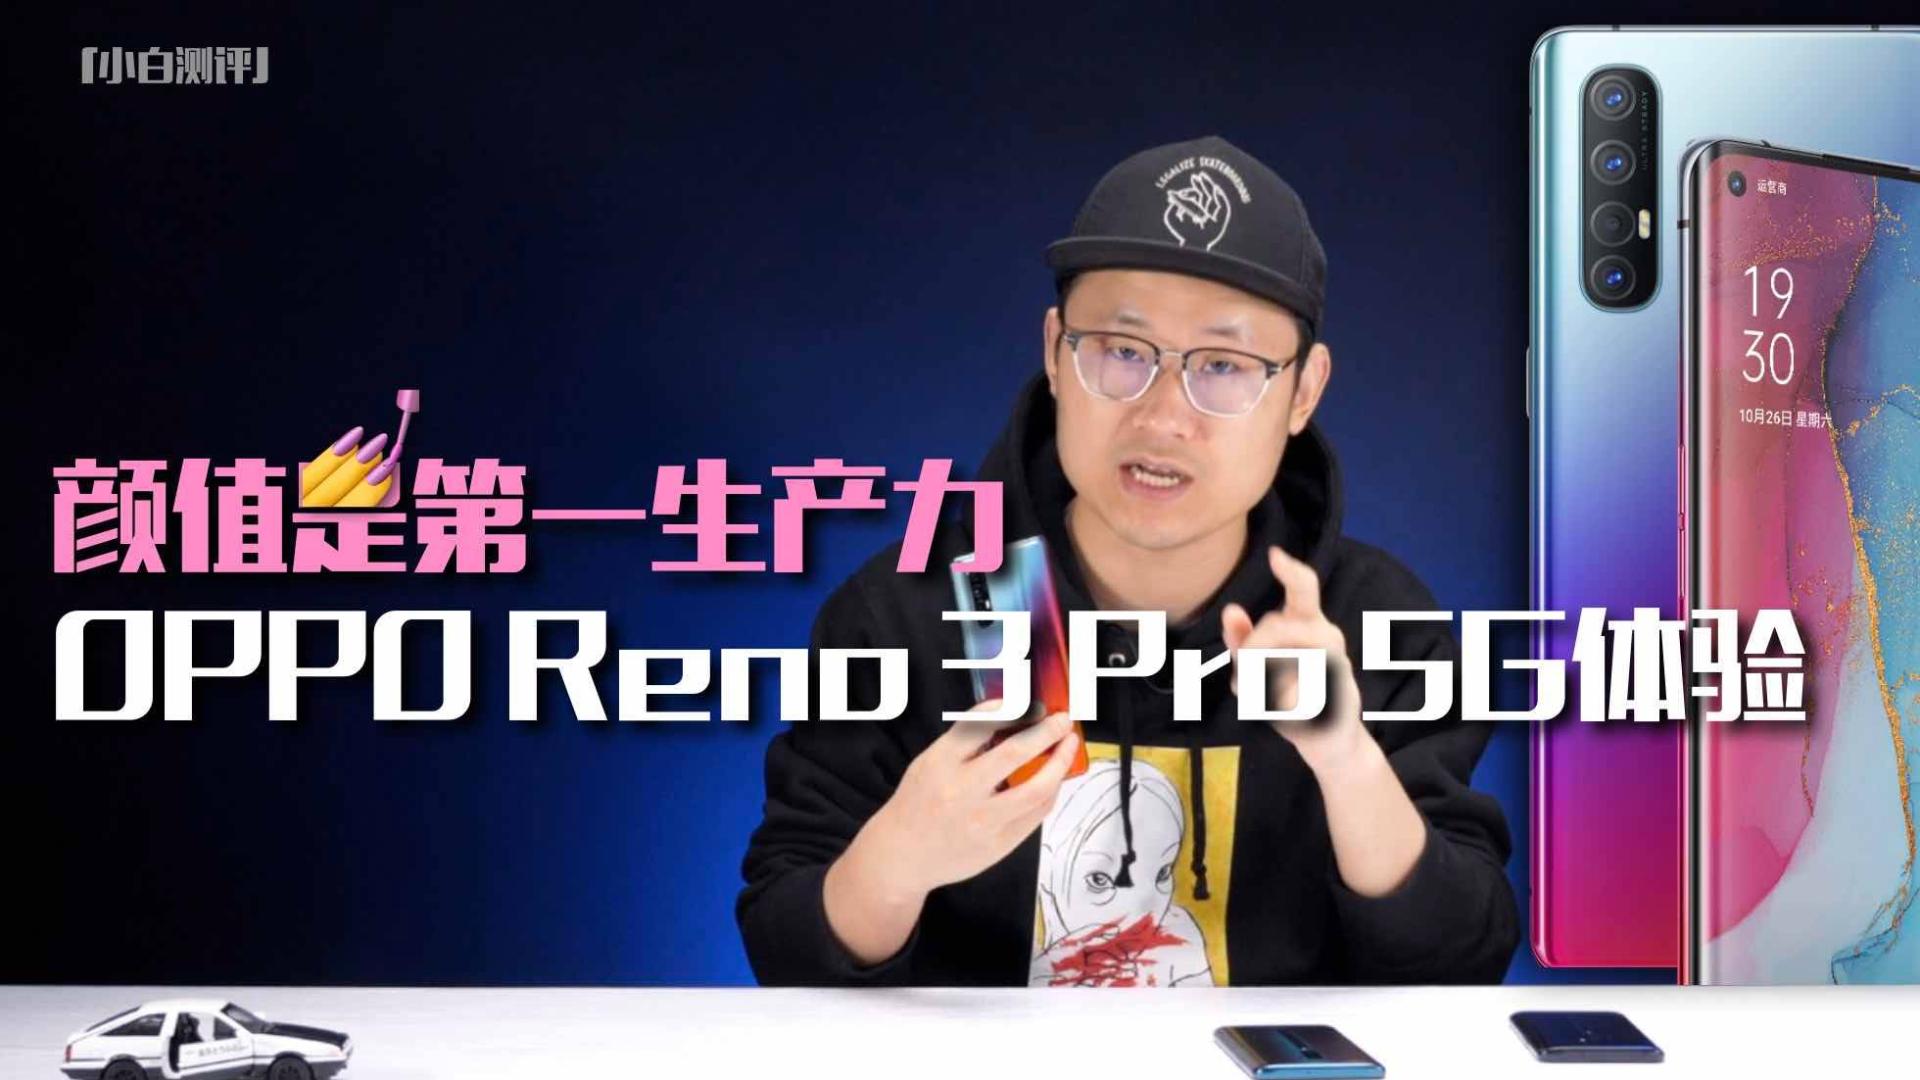 「小白测评」OPPO Reno3 Pro体验 告别傻大黑粗的5G机了?